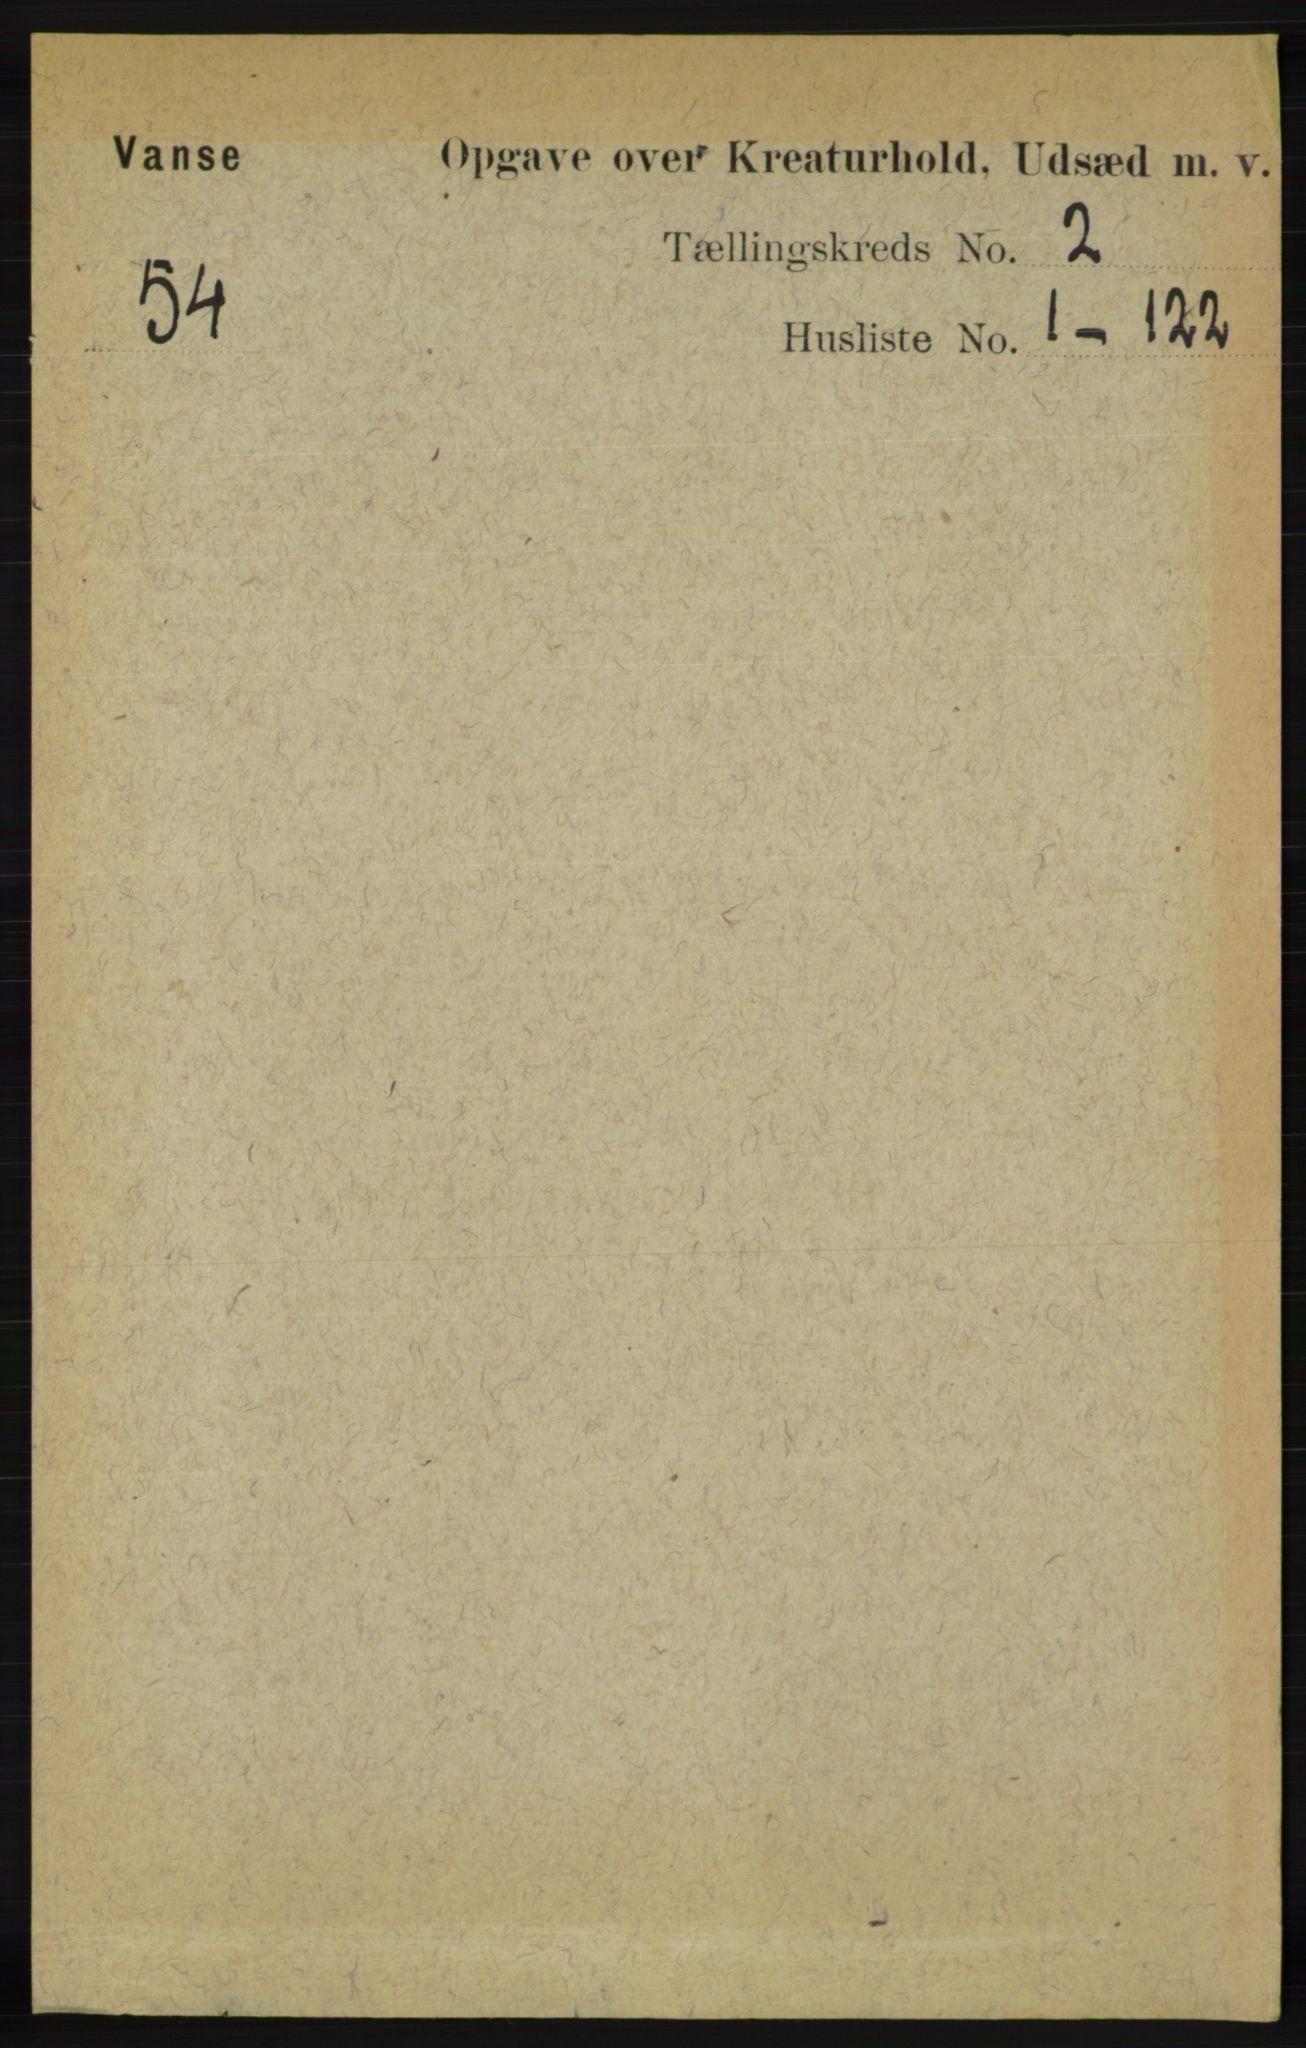 RA, Folketelling 1891 for 1041 Vanse herred, 1891, s. 7960